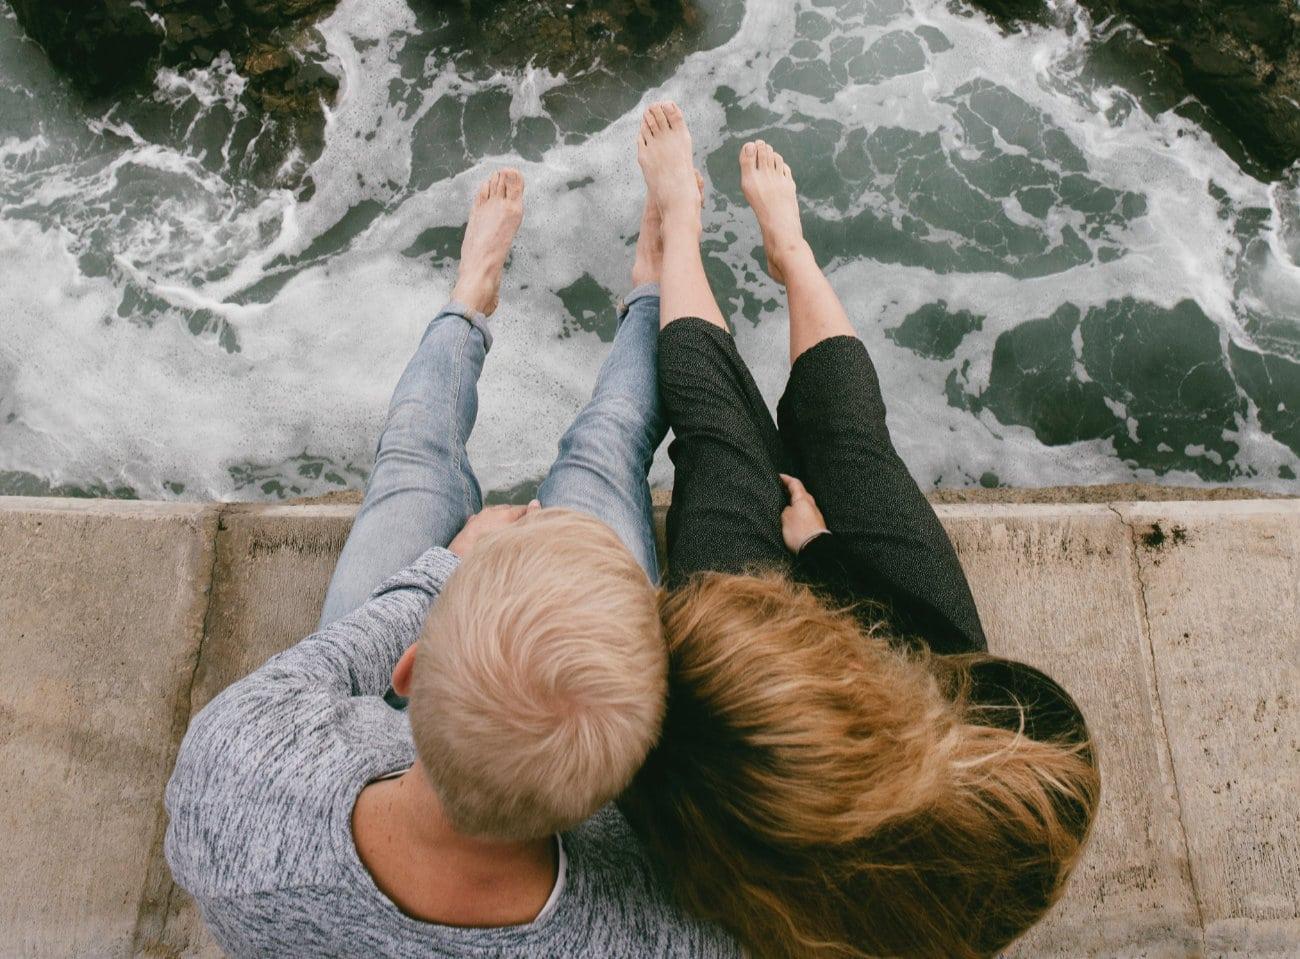 Par nyder hinandens selskab